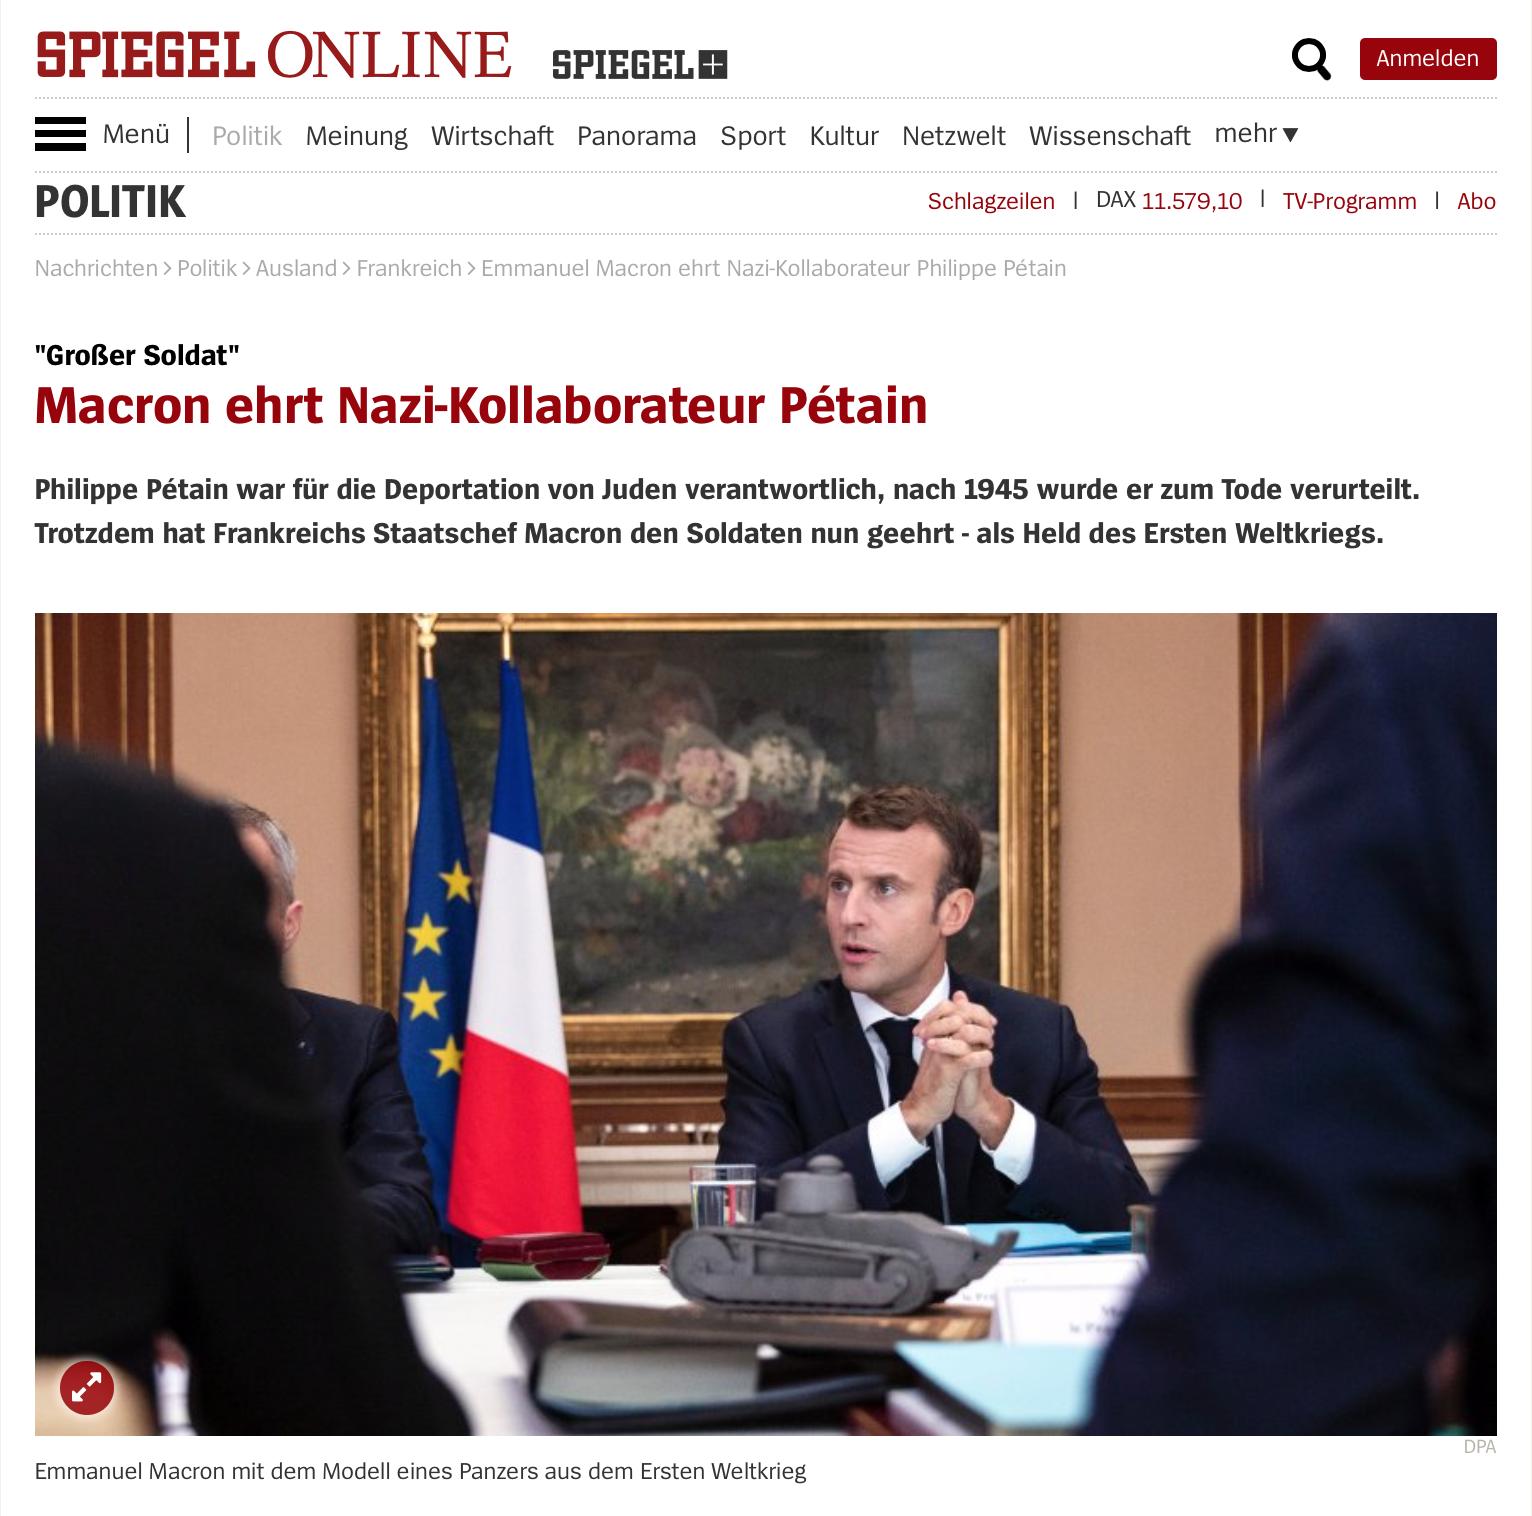 Macron Petain Spiegel